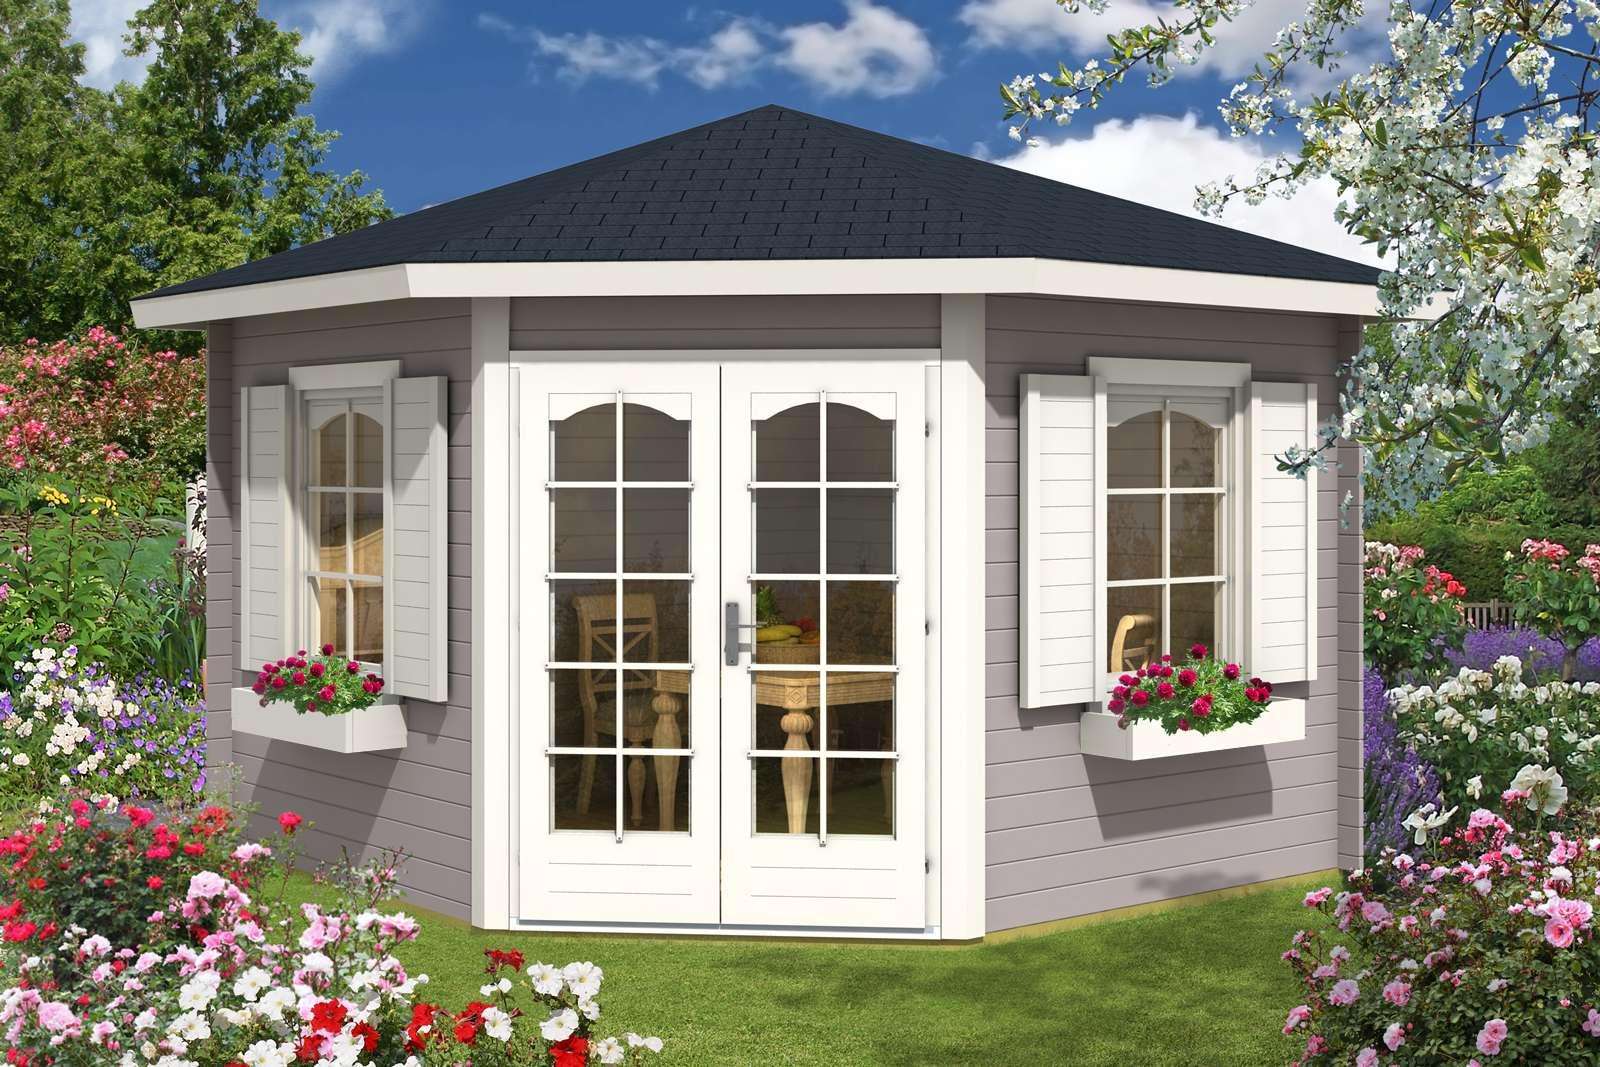 5-Eck Gartenhaus Modell Alina-28